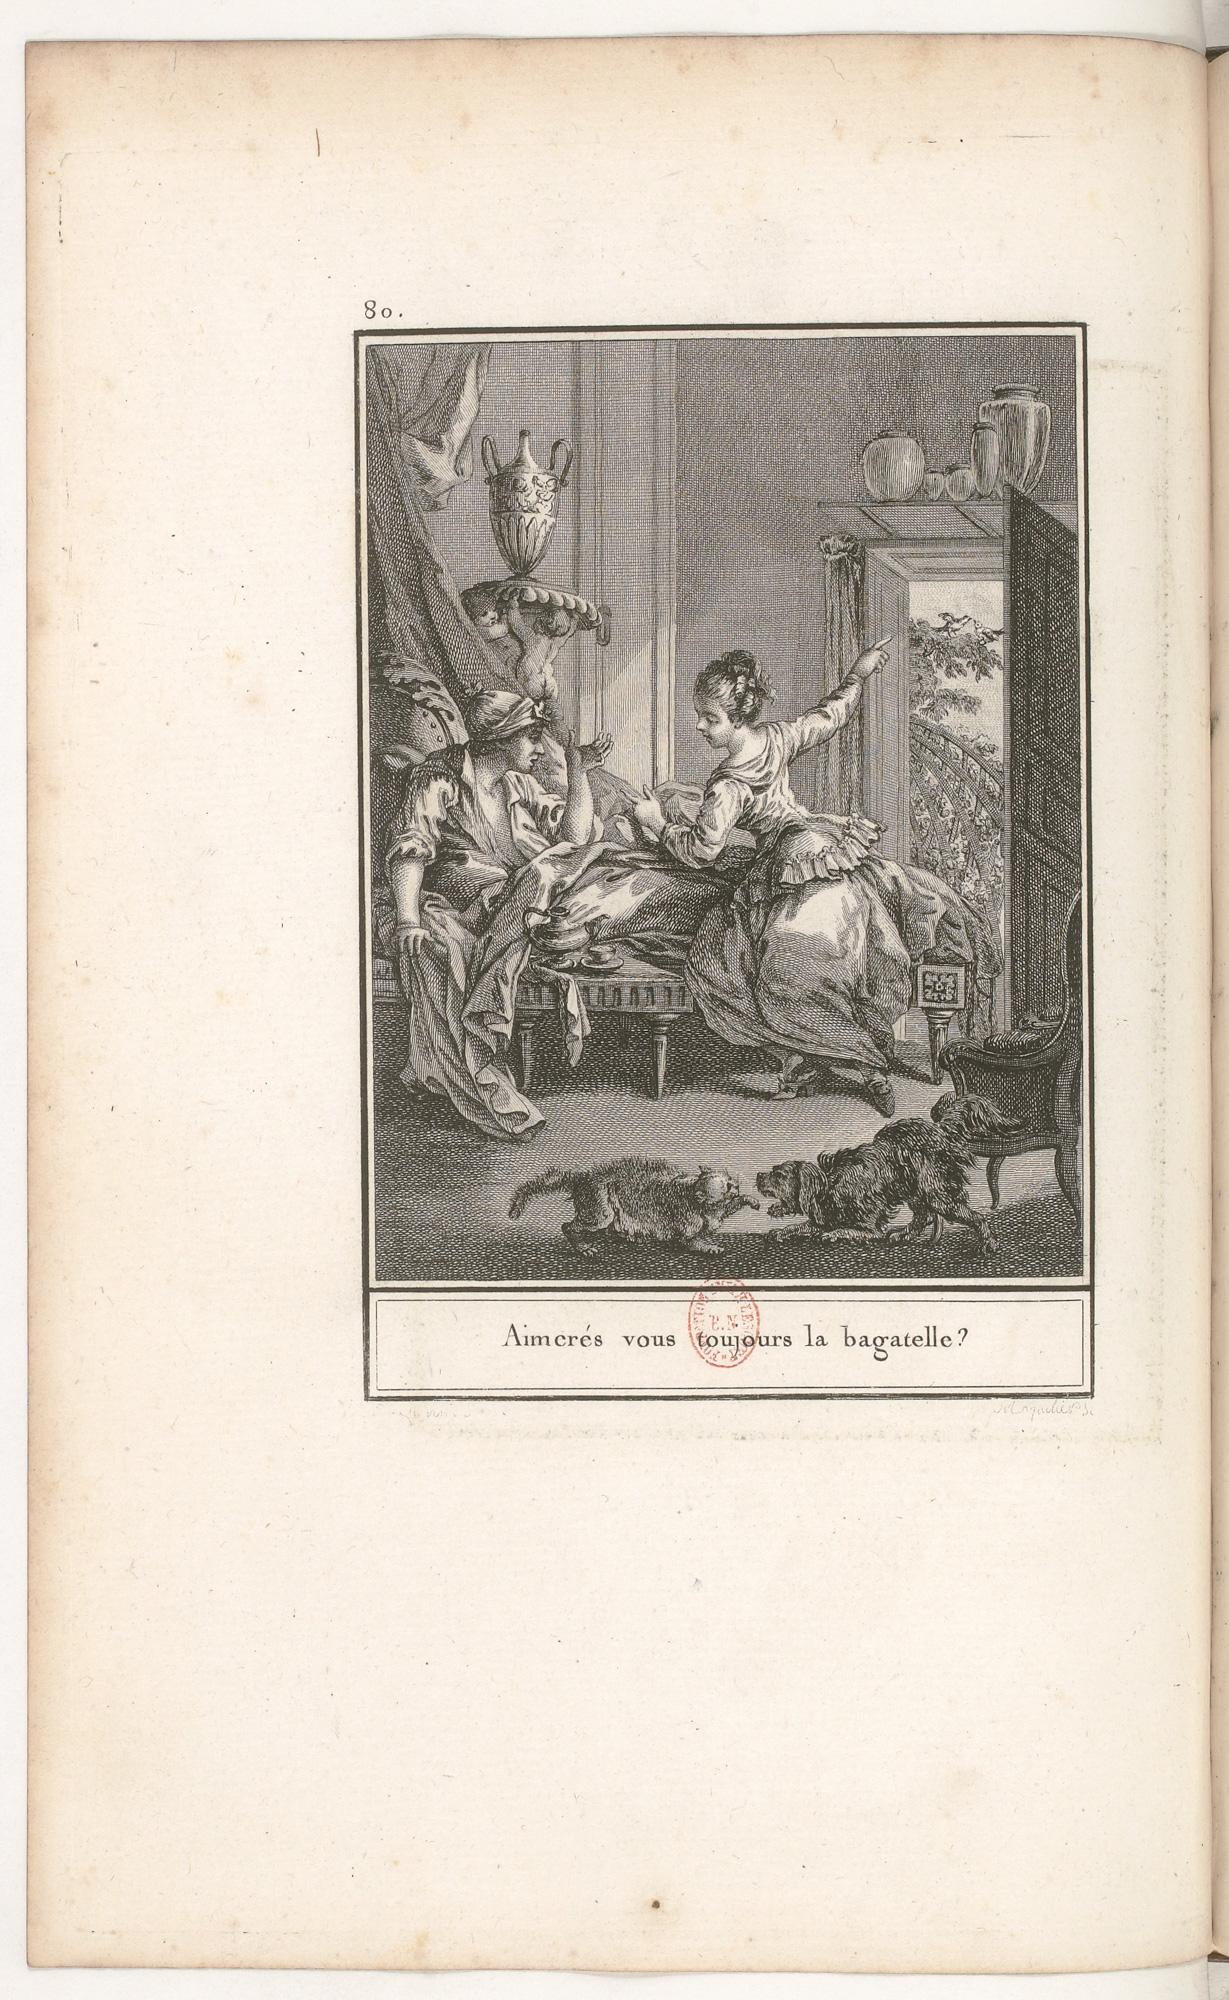 S.4.14 La bagatelle,1772, Image